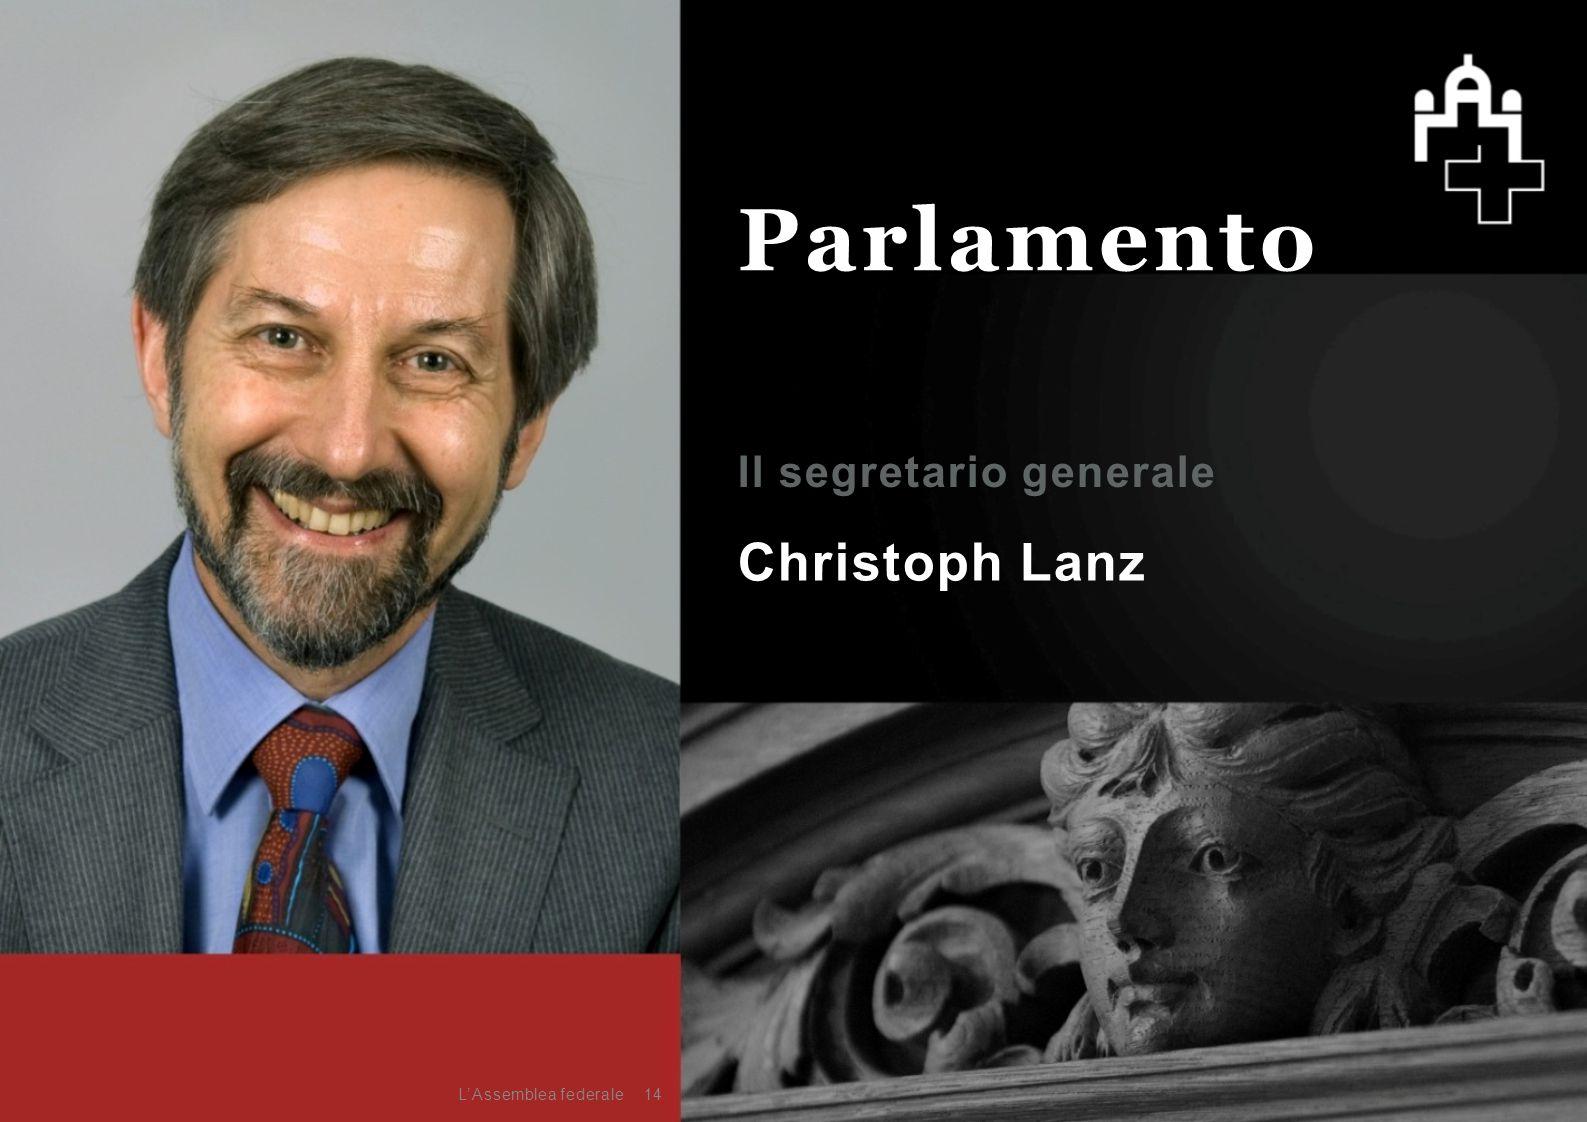 Christoph Lanz Il segretario generale 14 Parlamento L'Assemblea federale